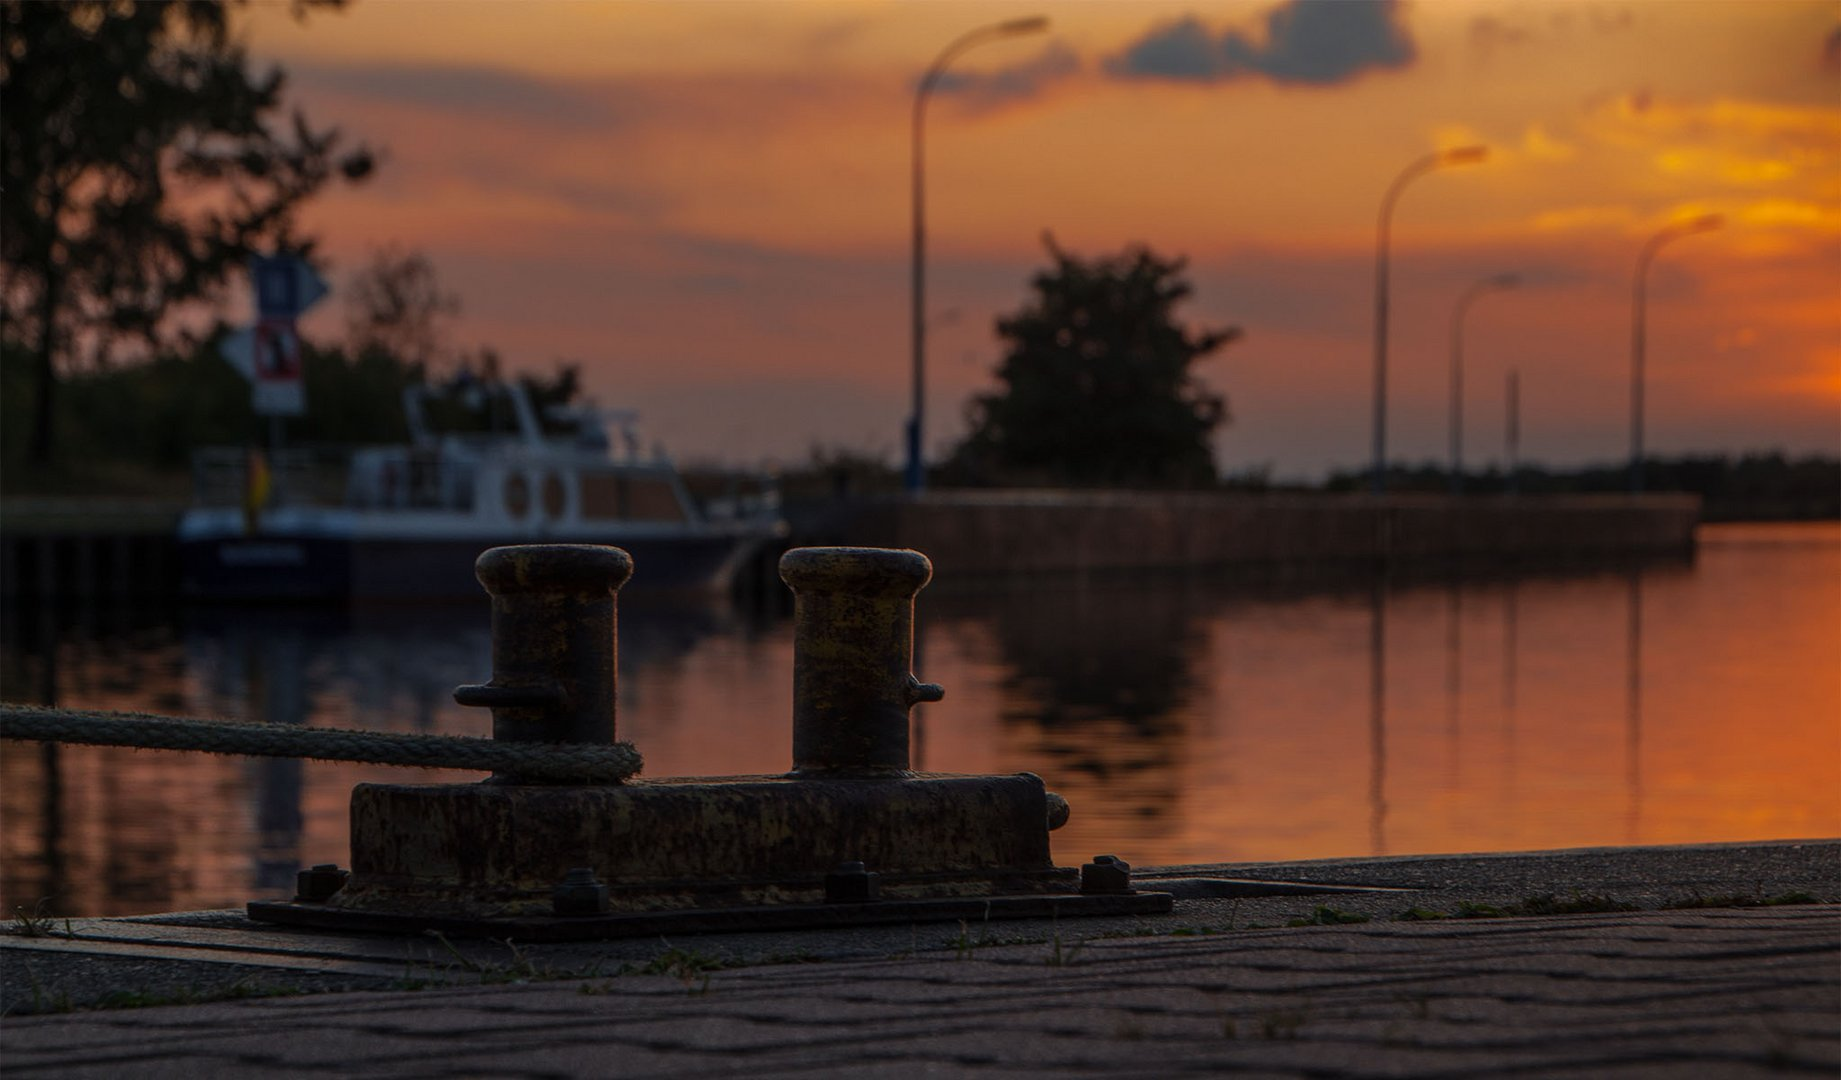 Am Wasserstrassenkreuz